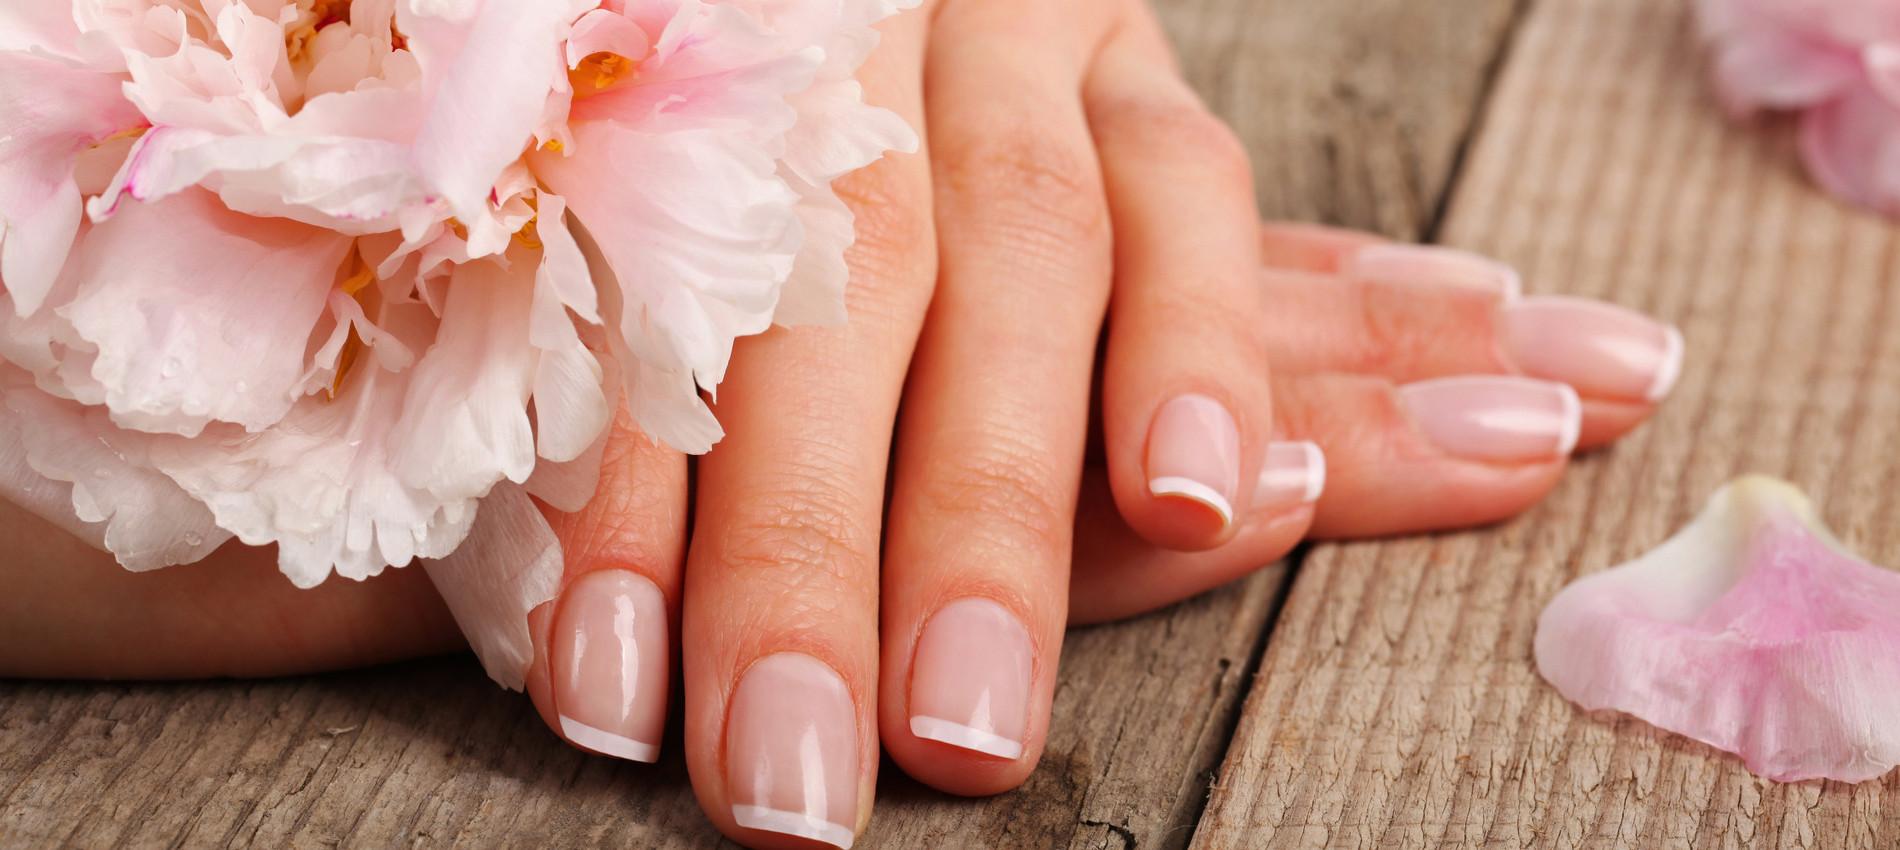 Увеличит рост ногтей в домашних условиях